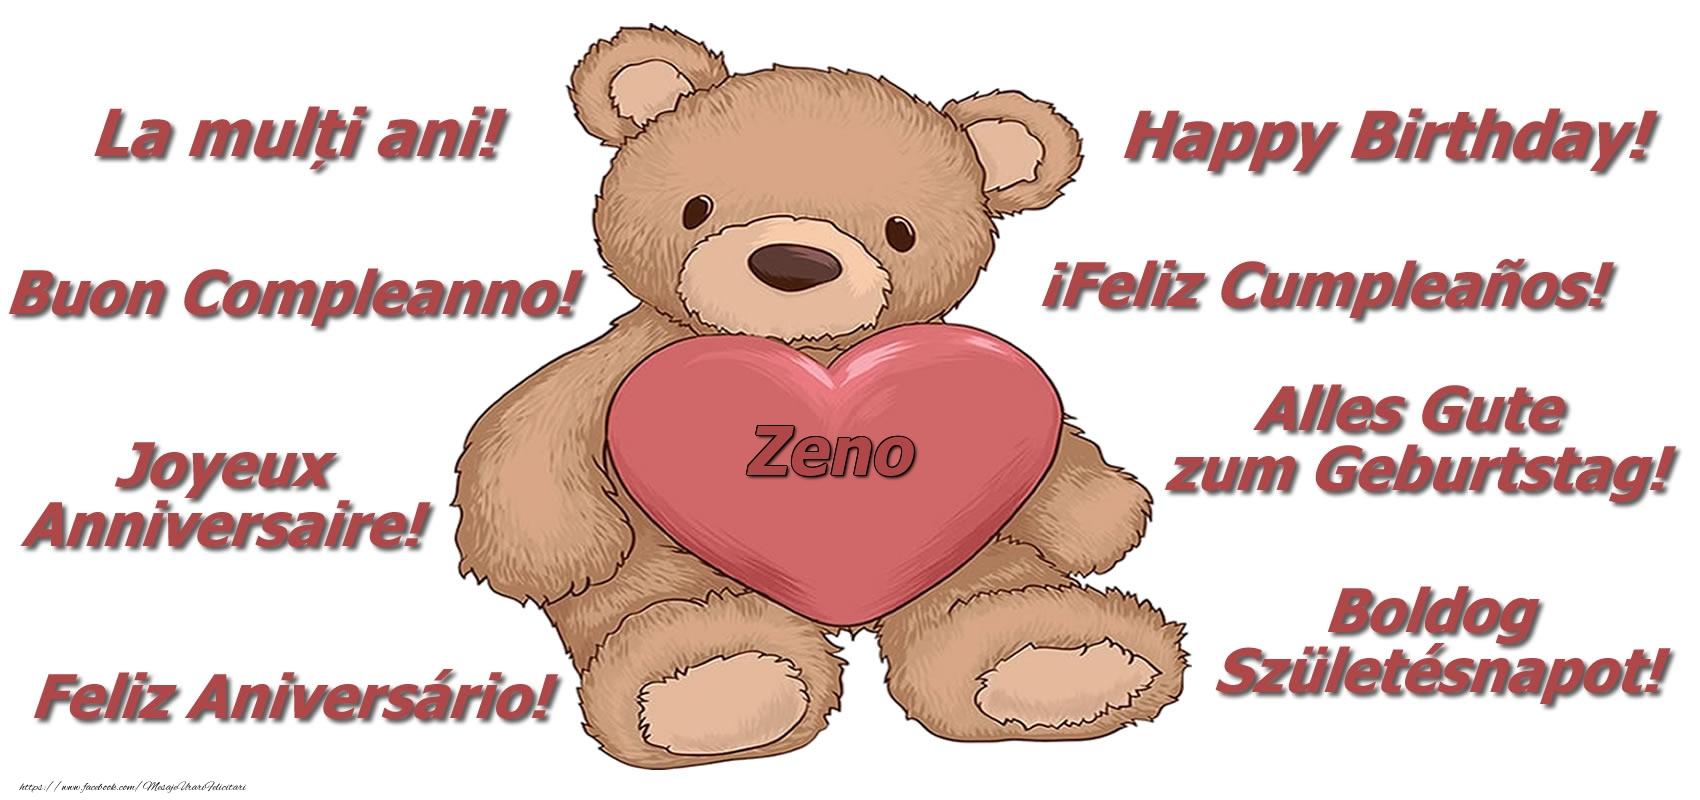 Felicitari de zi de nastere - La multi ani Zeno! - Ursulet